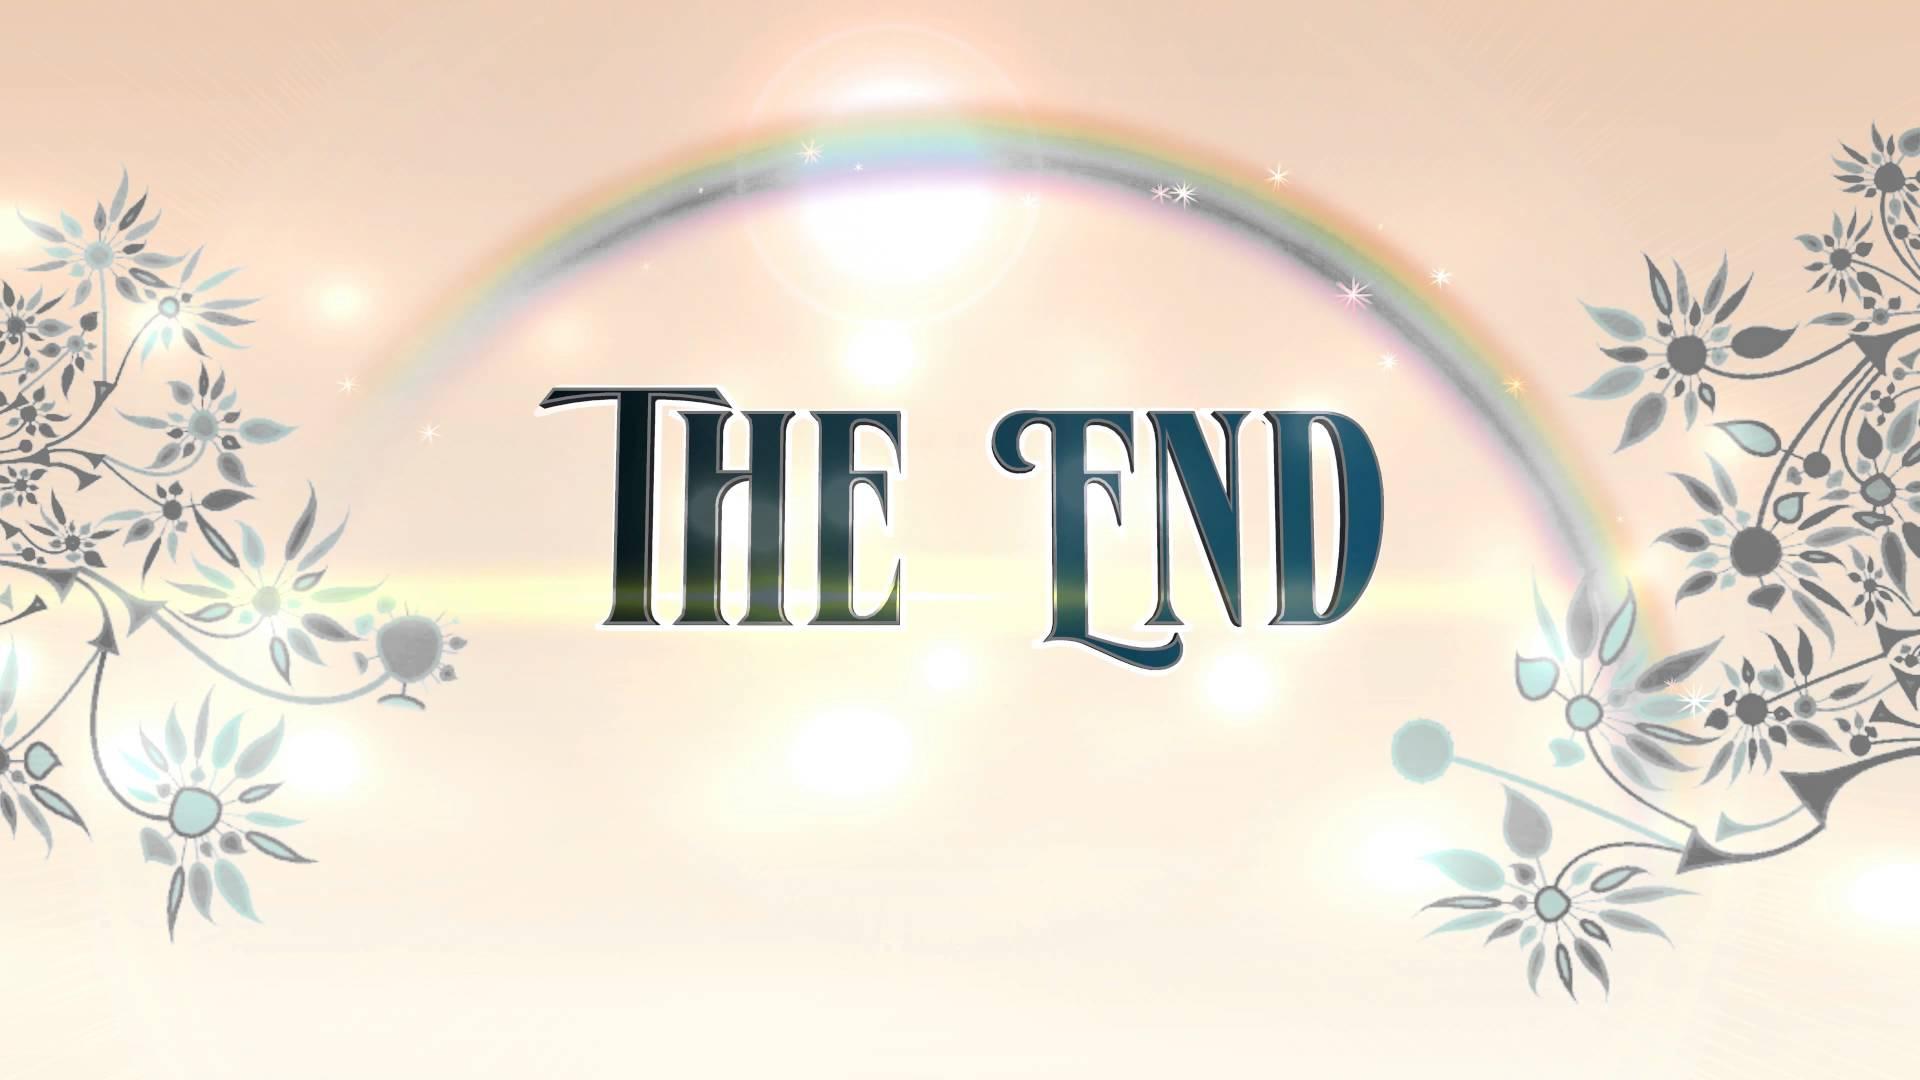 ThuThuatTinHoc - Slide kết thúc đẹp (15)